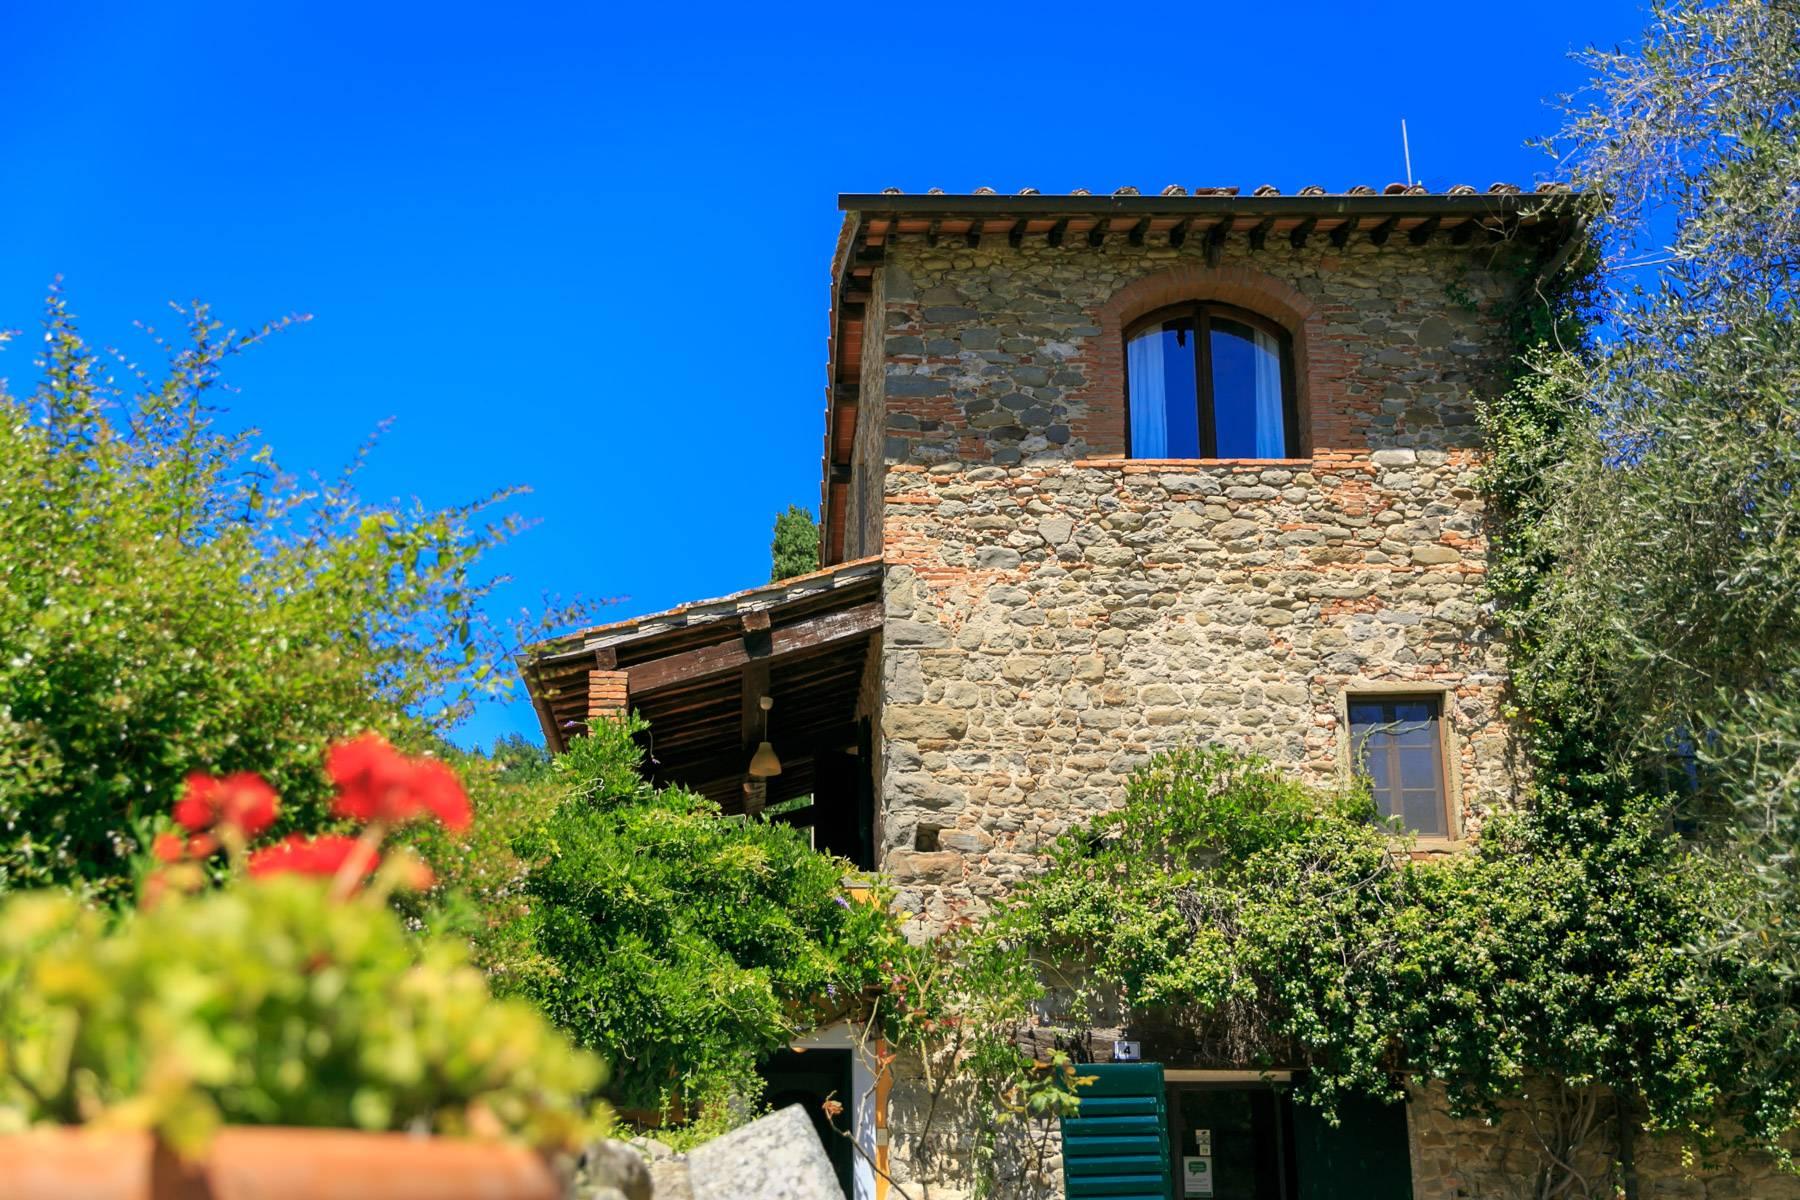 Rustico in Vendita a Terranuova Bracciolini: 5 locali, 875 mq - Foto 22